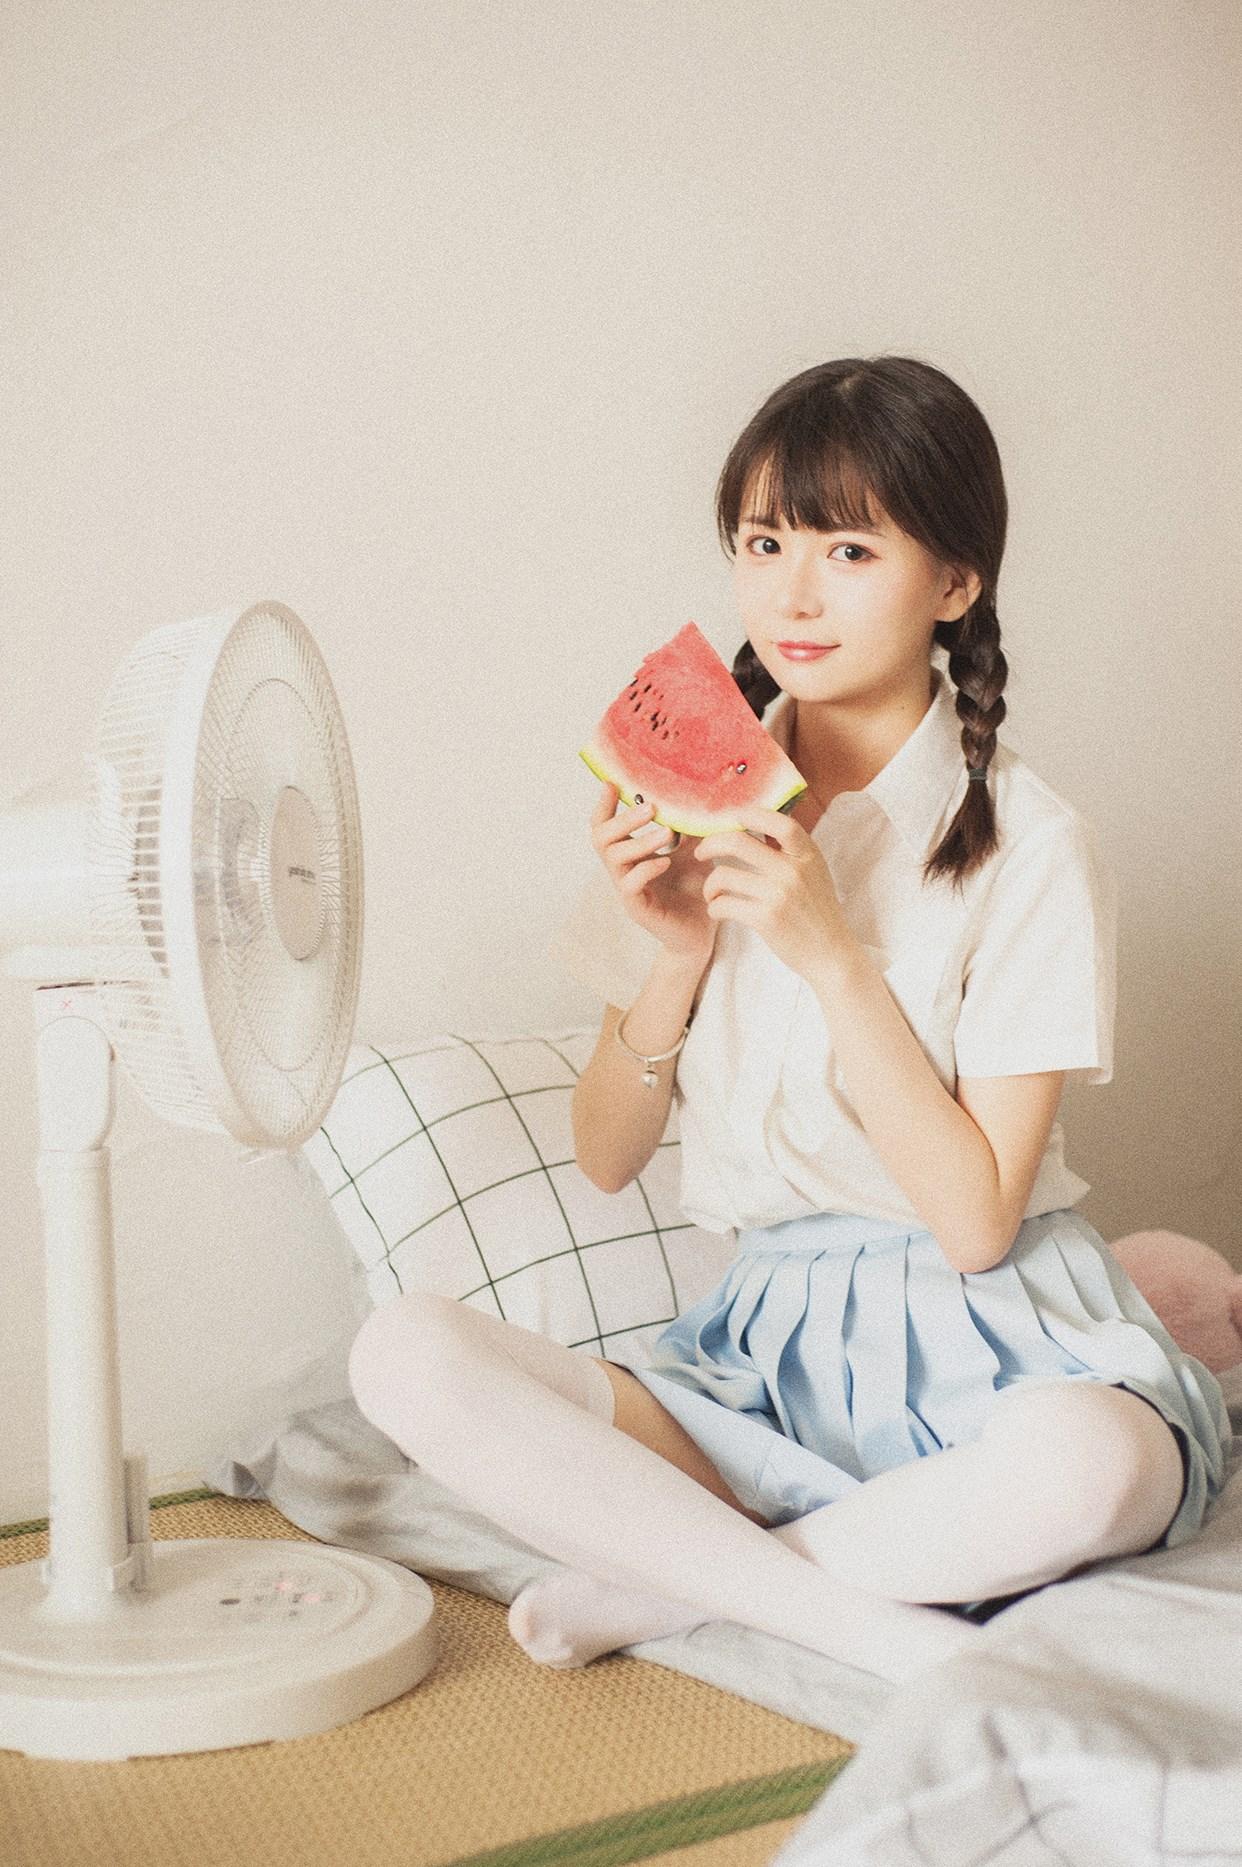 【兔玩映画】夏天的小裙子 兔玩映画 第7张